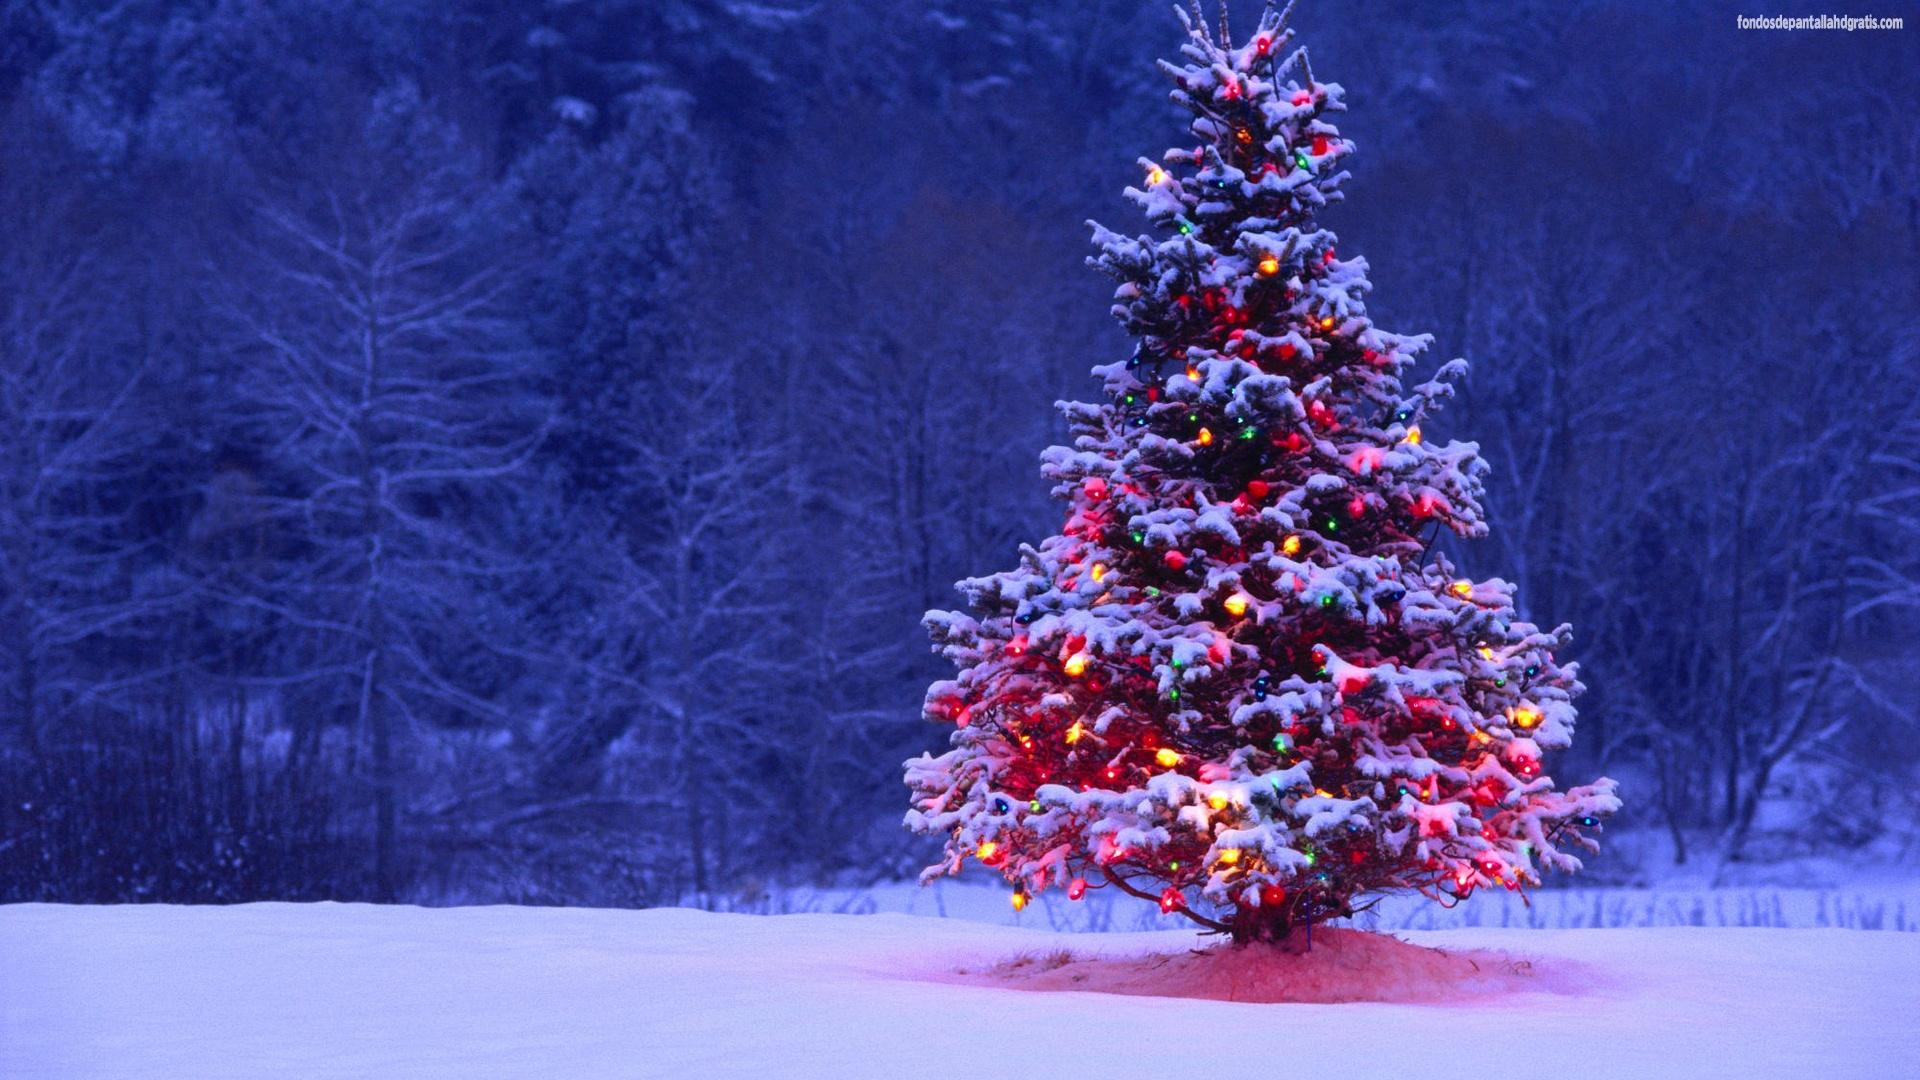 Cincuenta fondos de pantallas de navidad y año nuevo para tu.